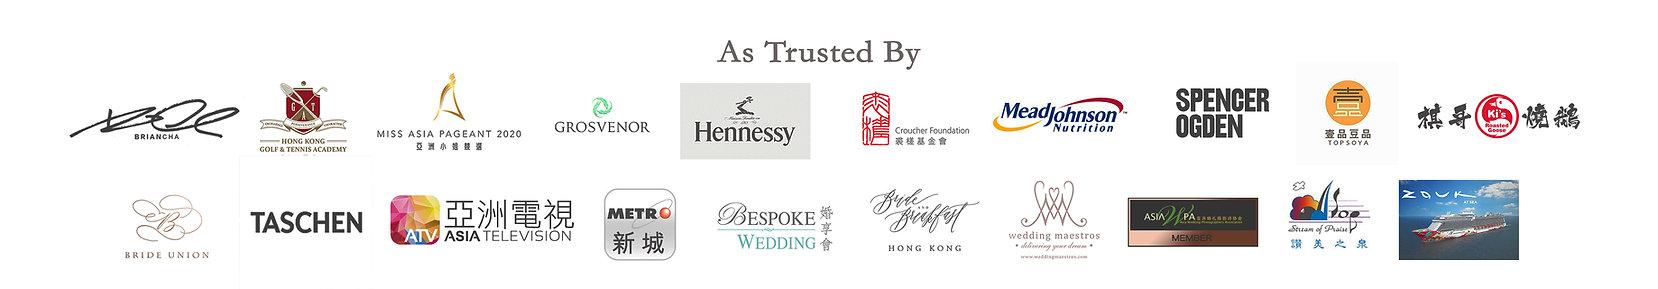 Jason Pang Gallery website client list 2